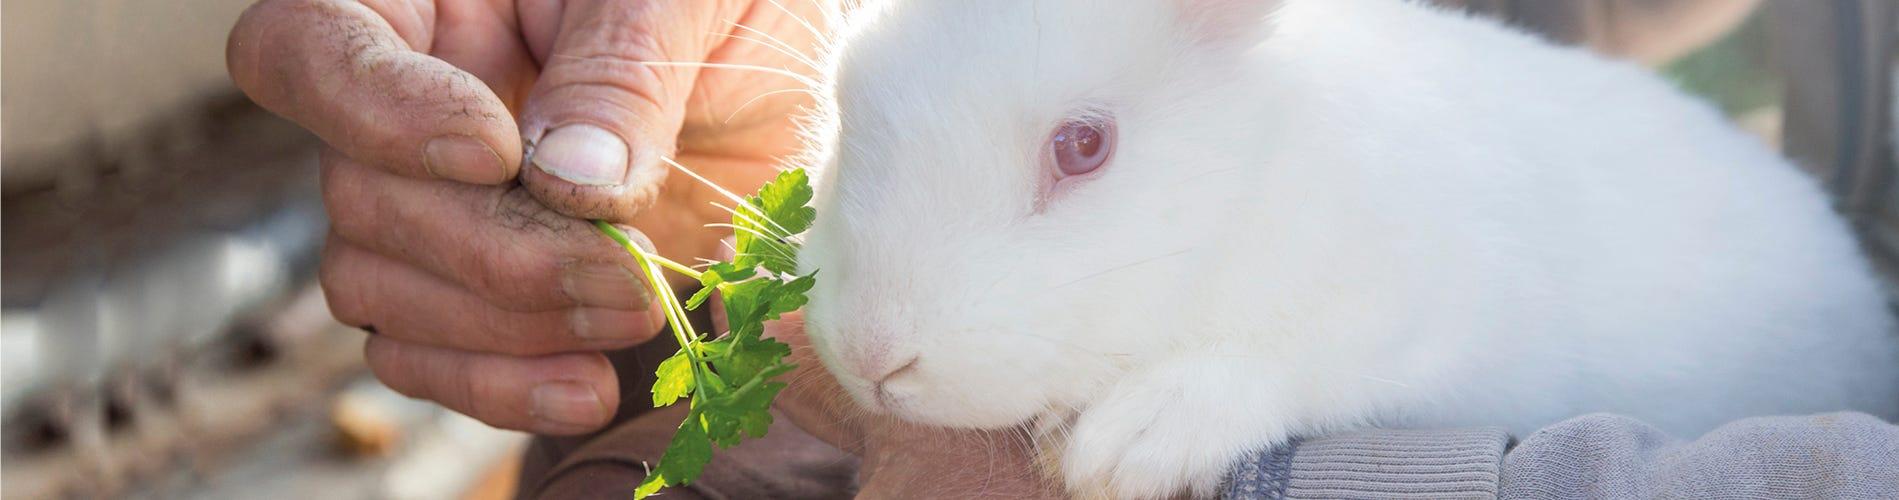 Tips & tricks for feeding your rabbit